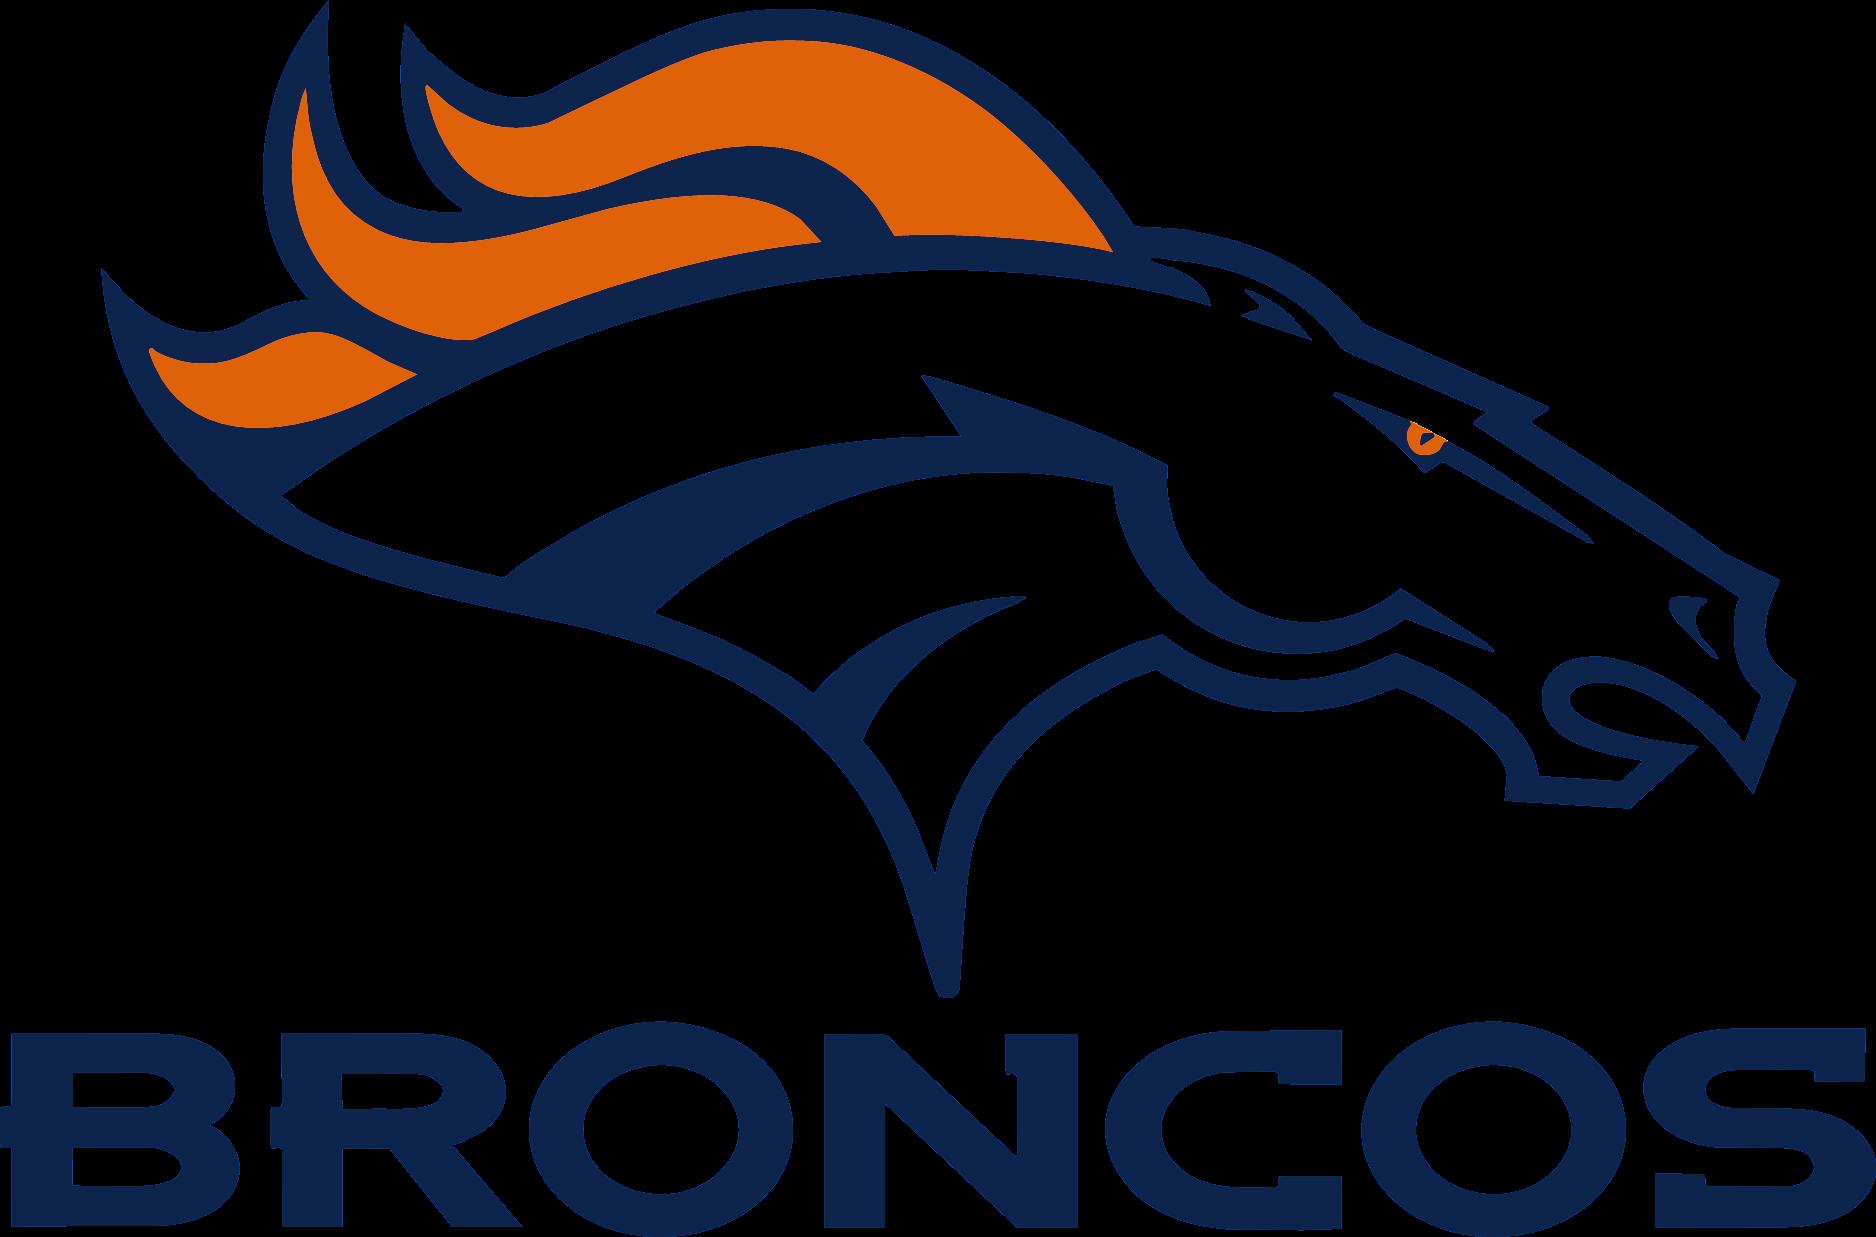 Download Denver Broncos HQ PNG Image.